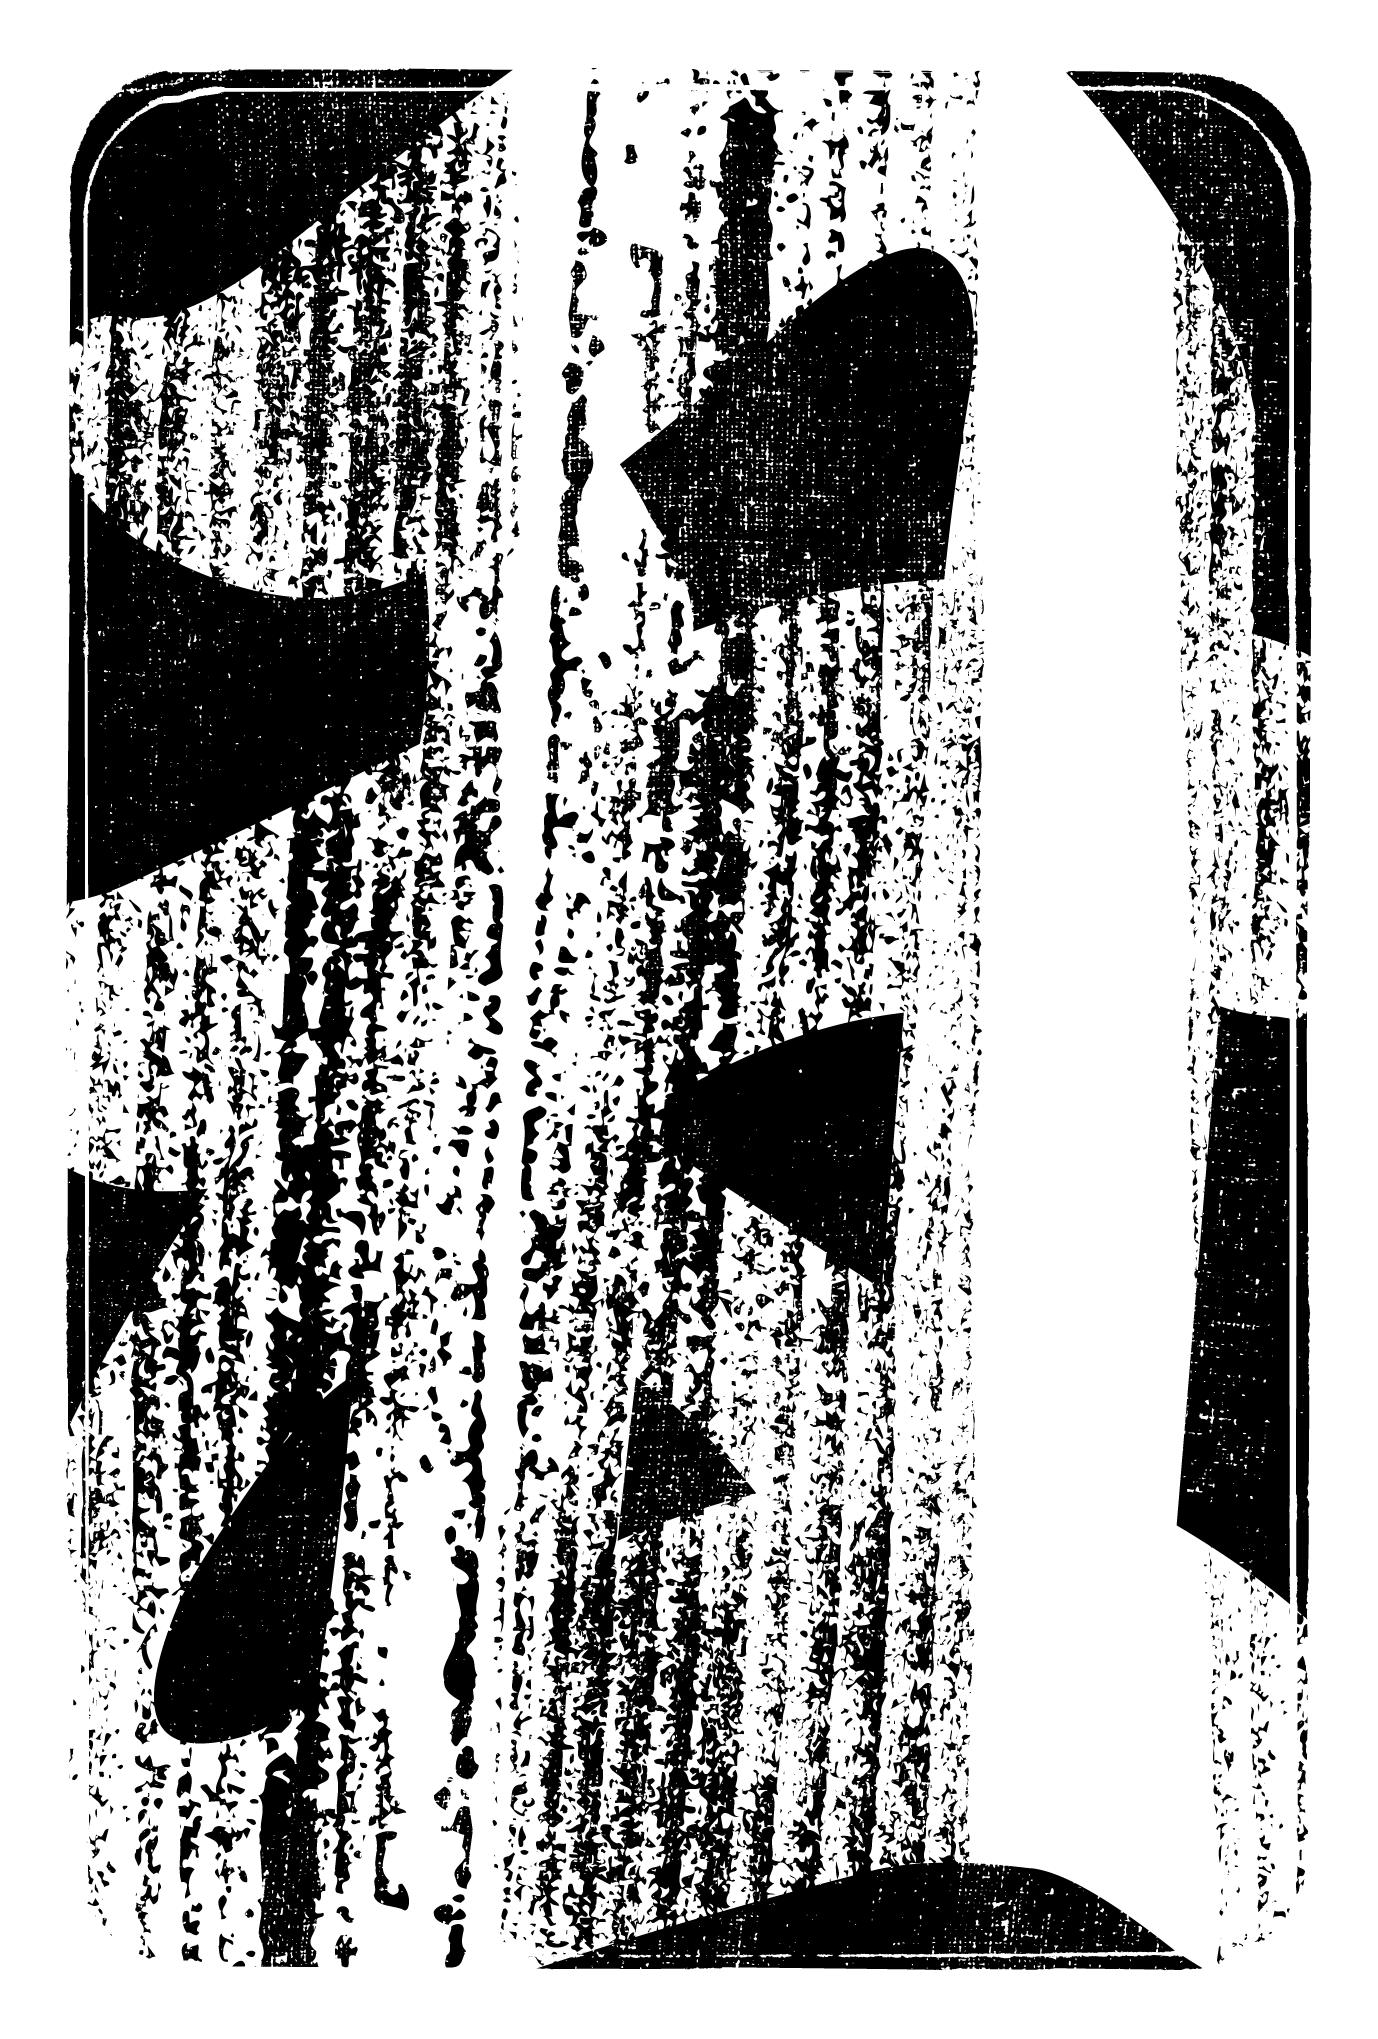 2021年賀状02-4:江戸勘亭流(丑)墨のダウンロード画像